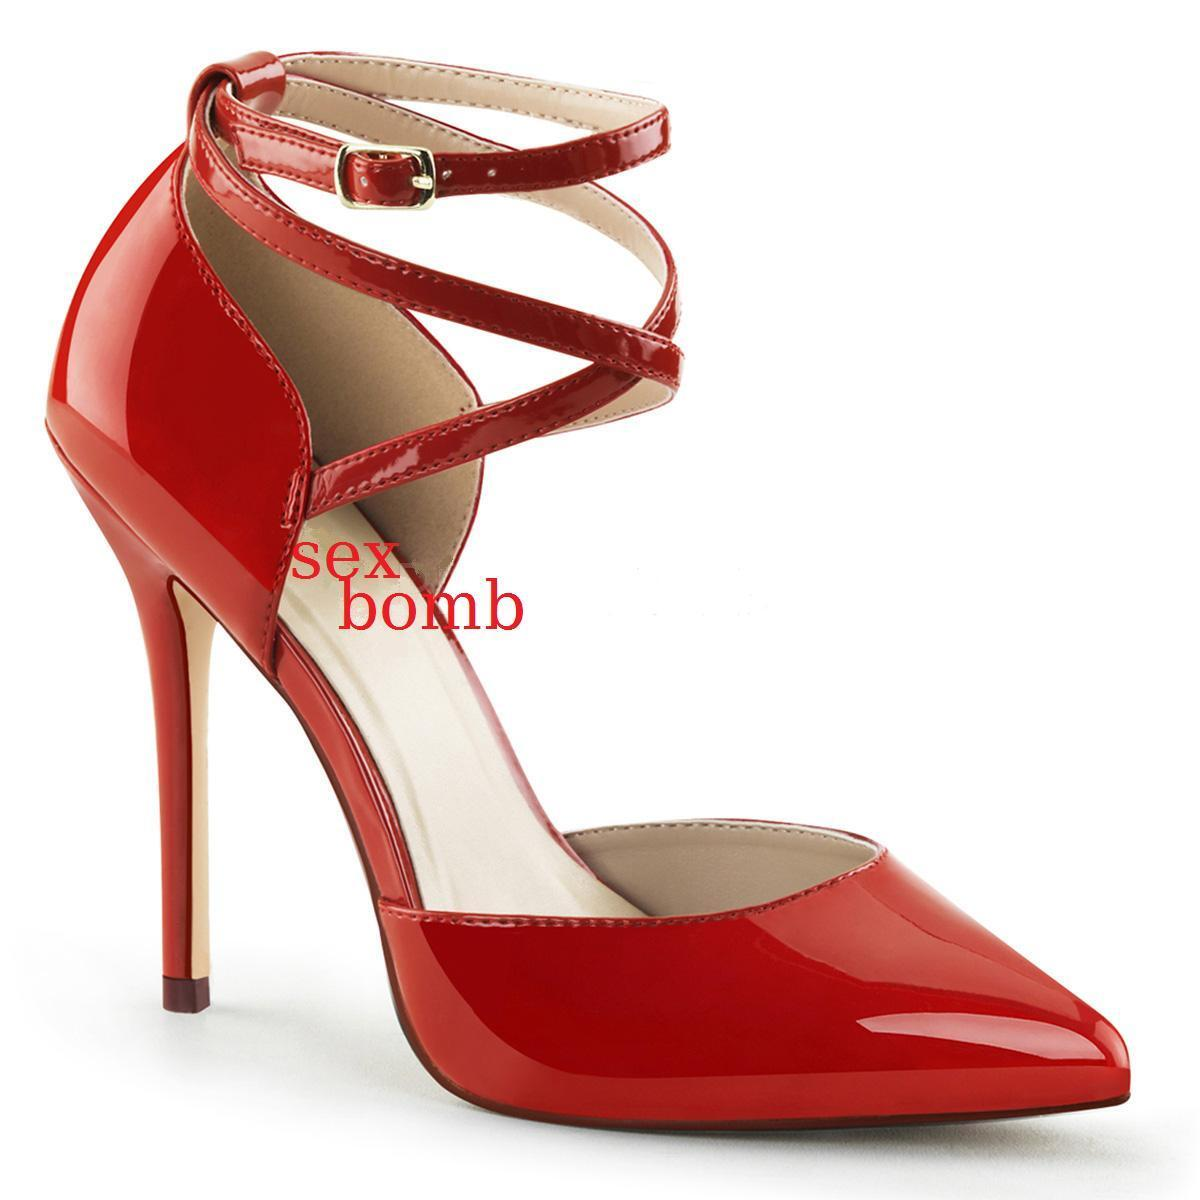 consegna rapida SEXY scarpe decolte ROSSO LUCIDO tacco 13 dal dal dal 35 a 46 mini plateau nascosto GLAM  online economico